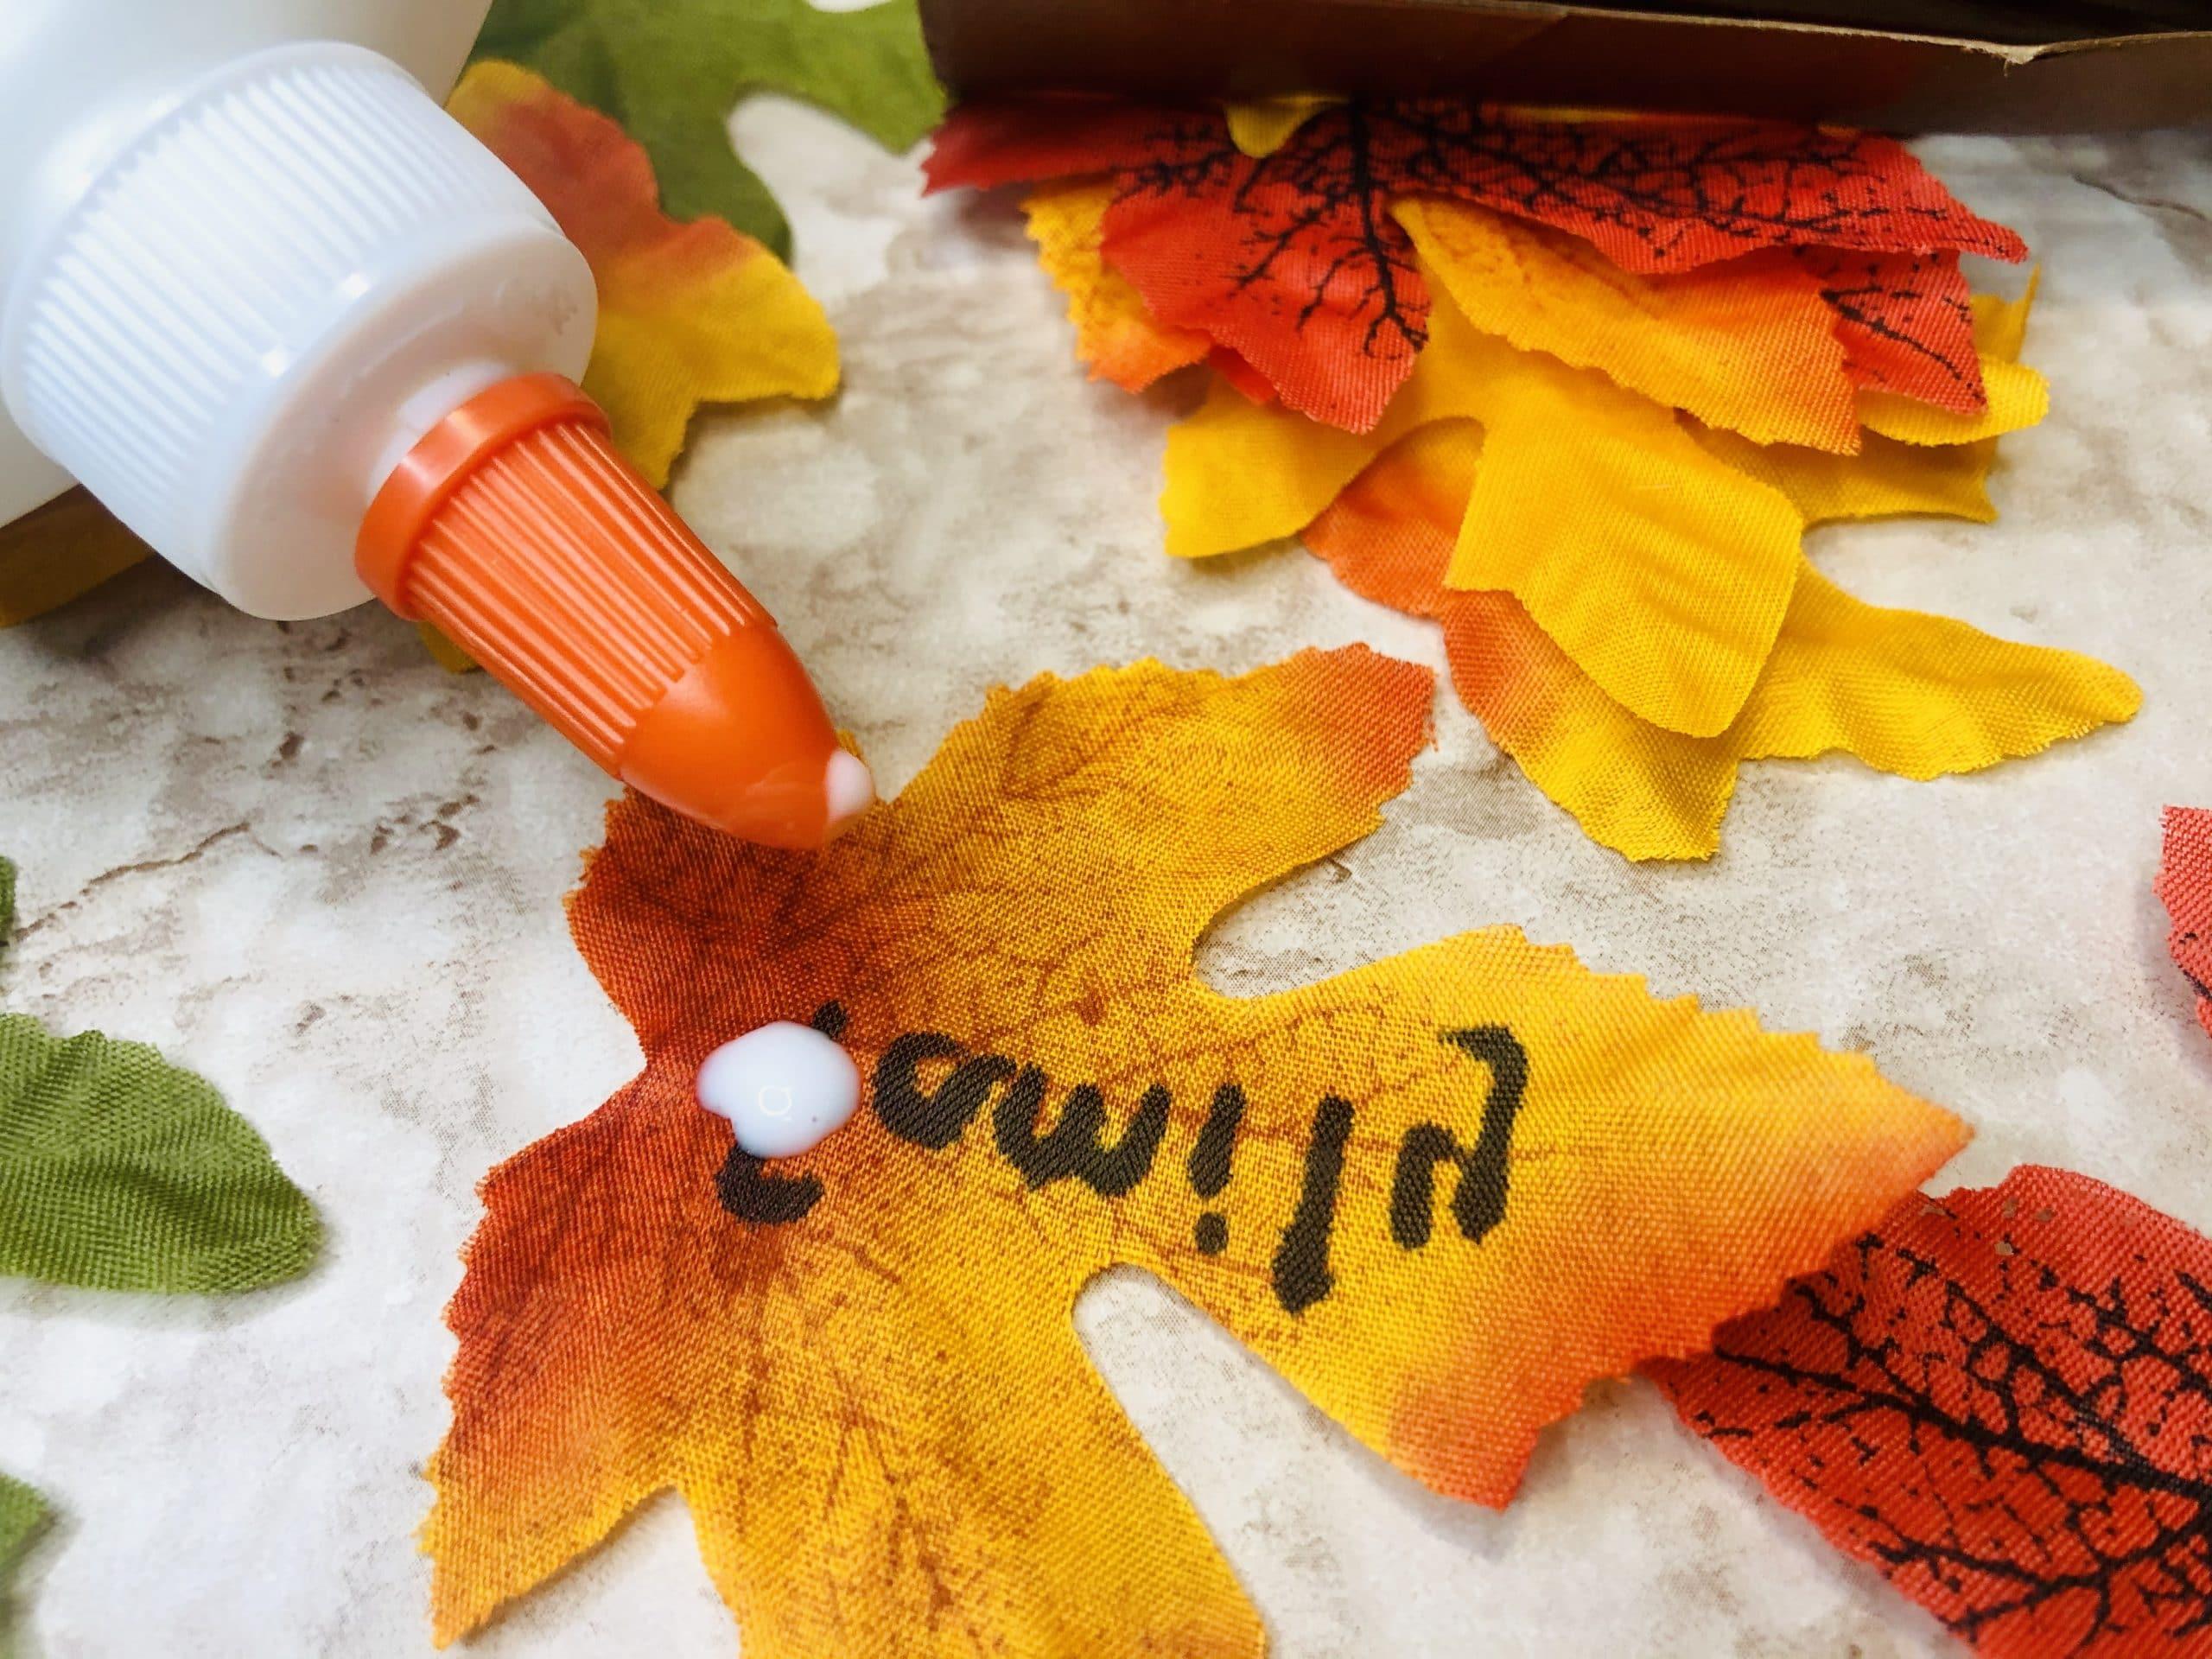 put glue on thankful tree leaves